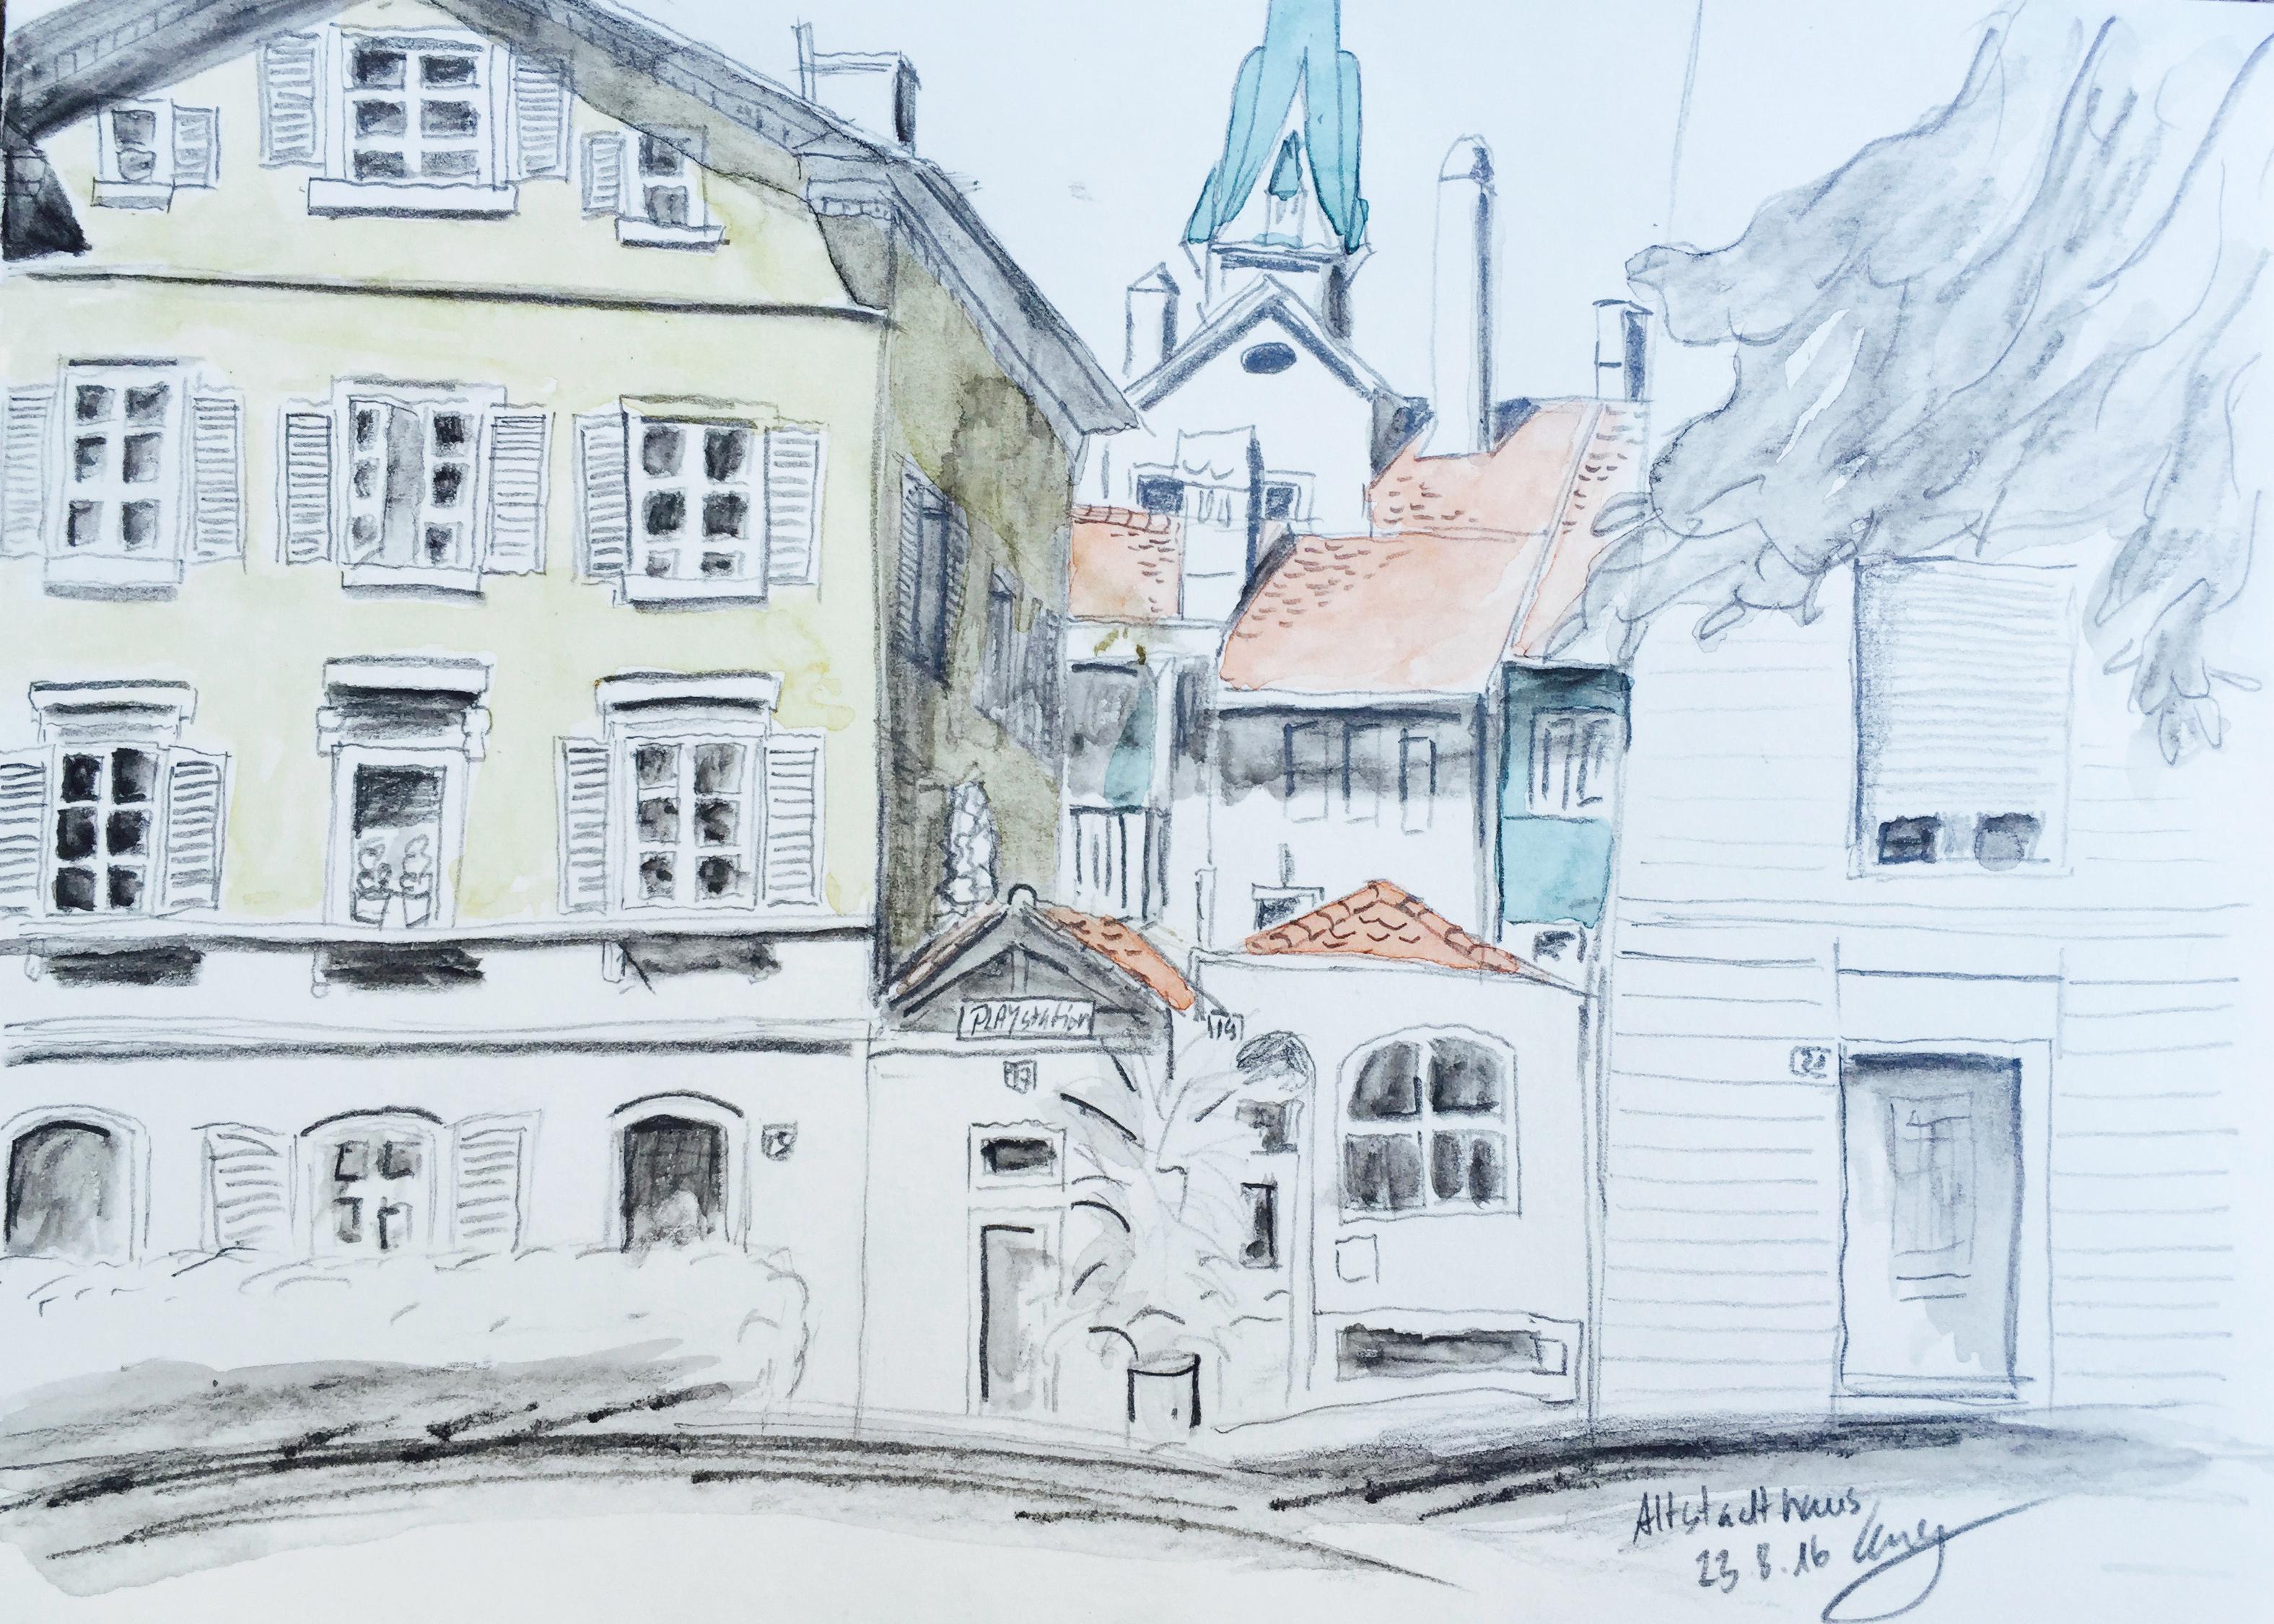 Caroline Cornelia Silaghi, Altstadthaus, Zürich,Sommerkurs,Astrid Amadeo, Urban Sketching, Blog